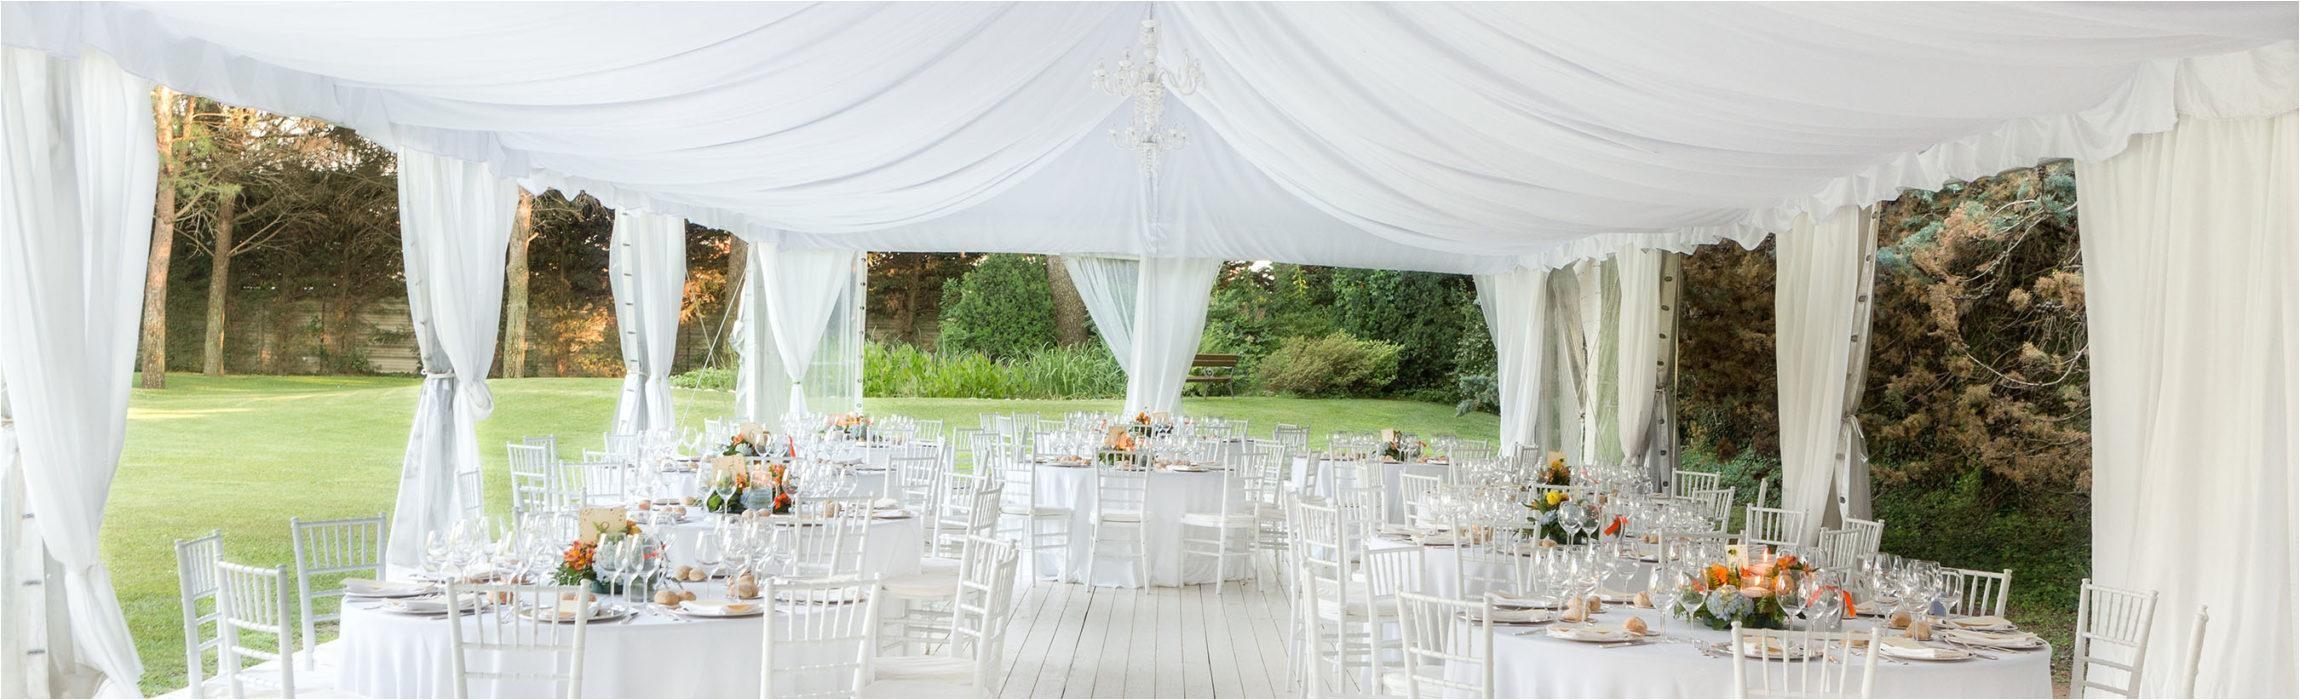 wedding porta potty rentals special events